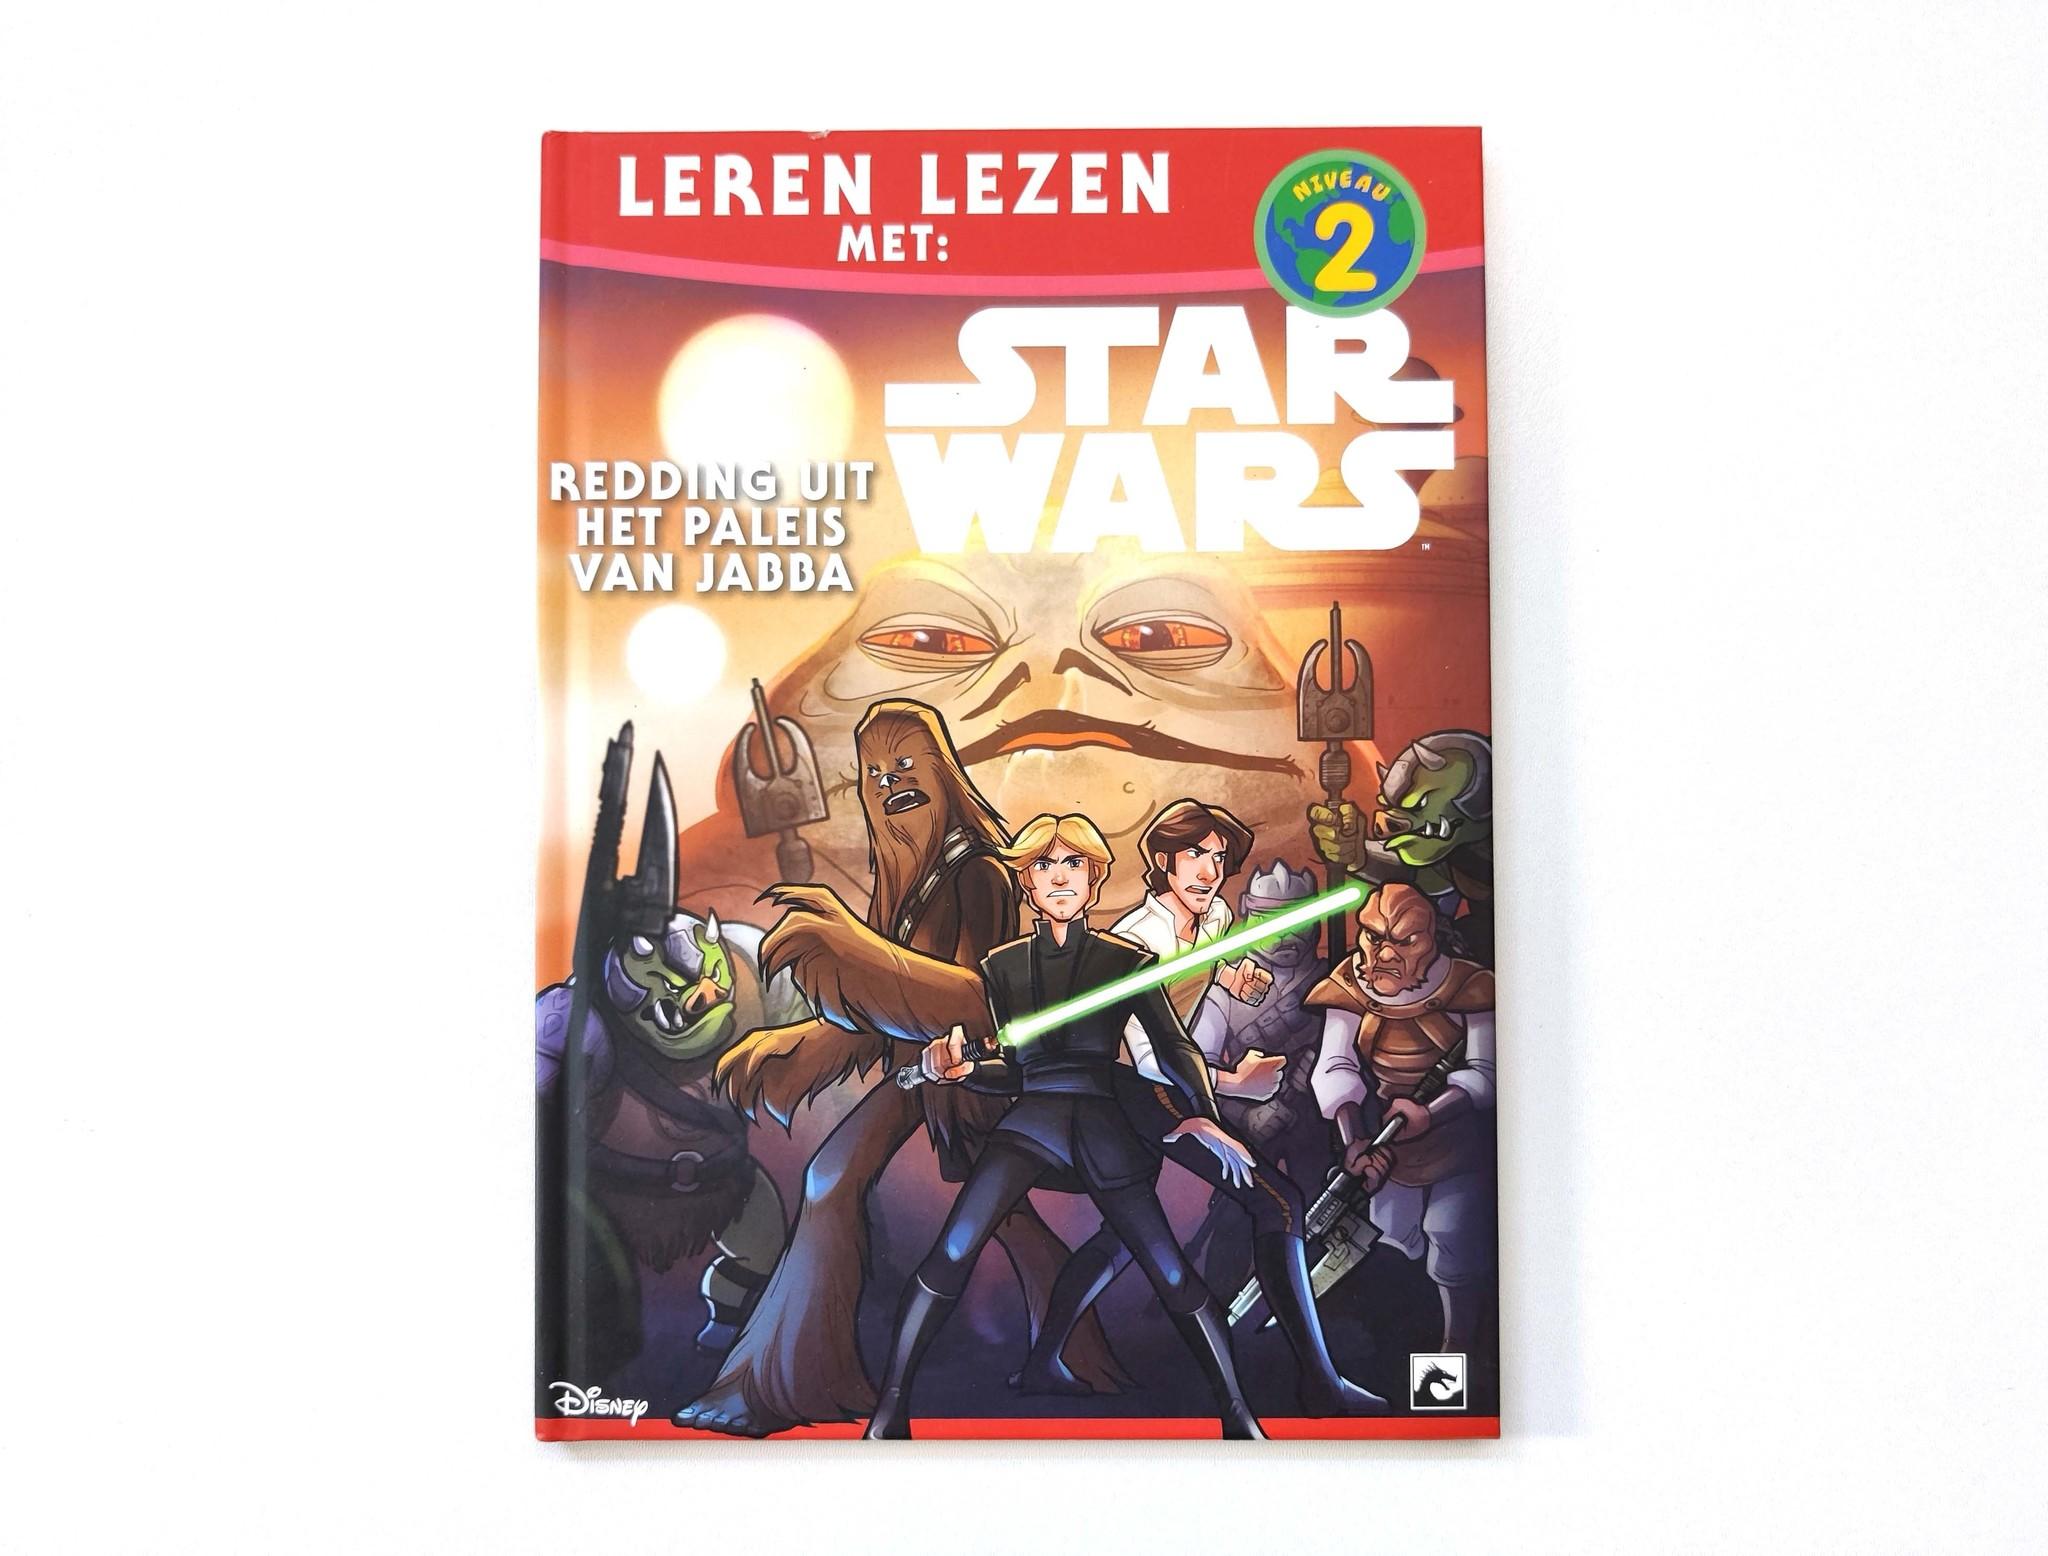 Leren lezen met Star Wars: redding uit het paleis van Jabba-1